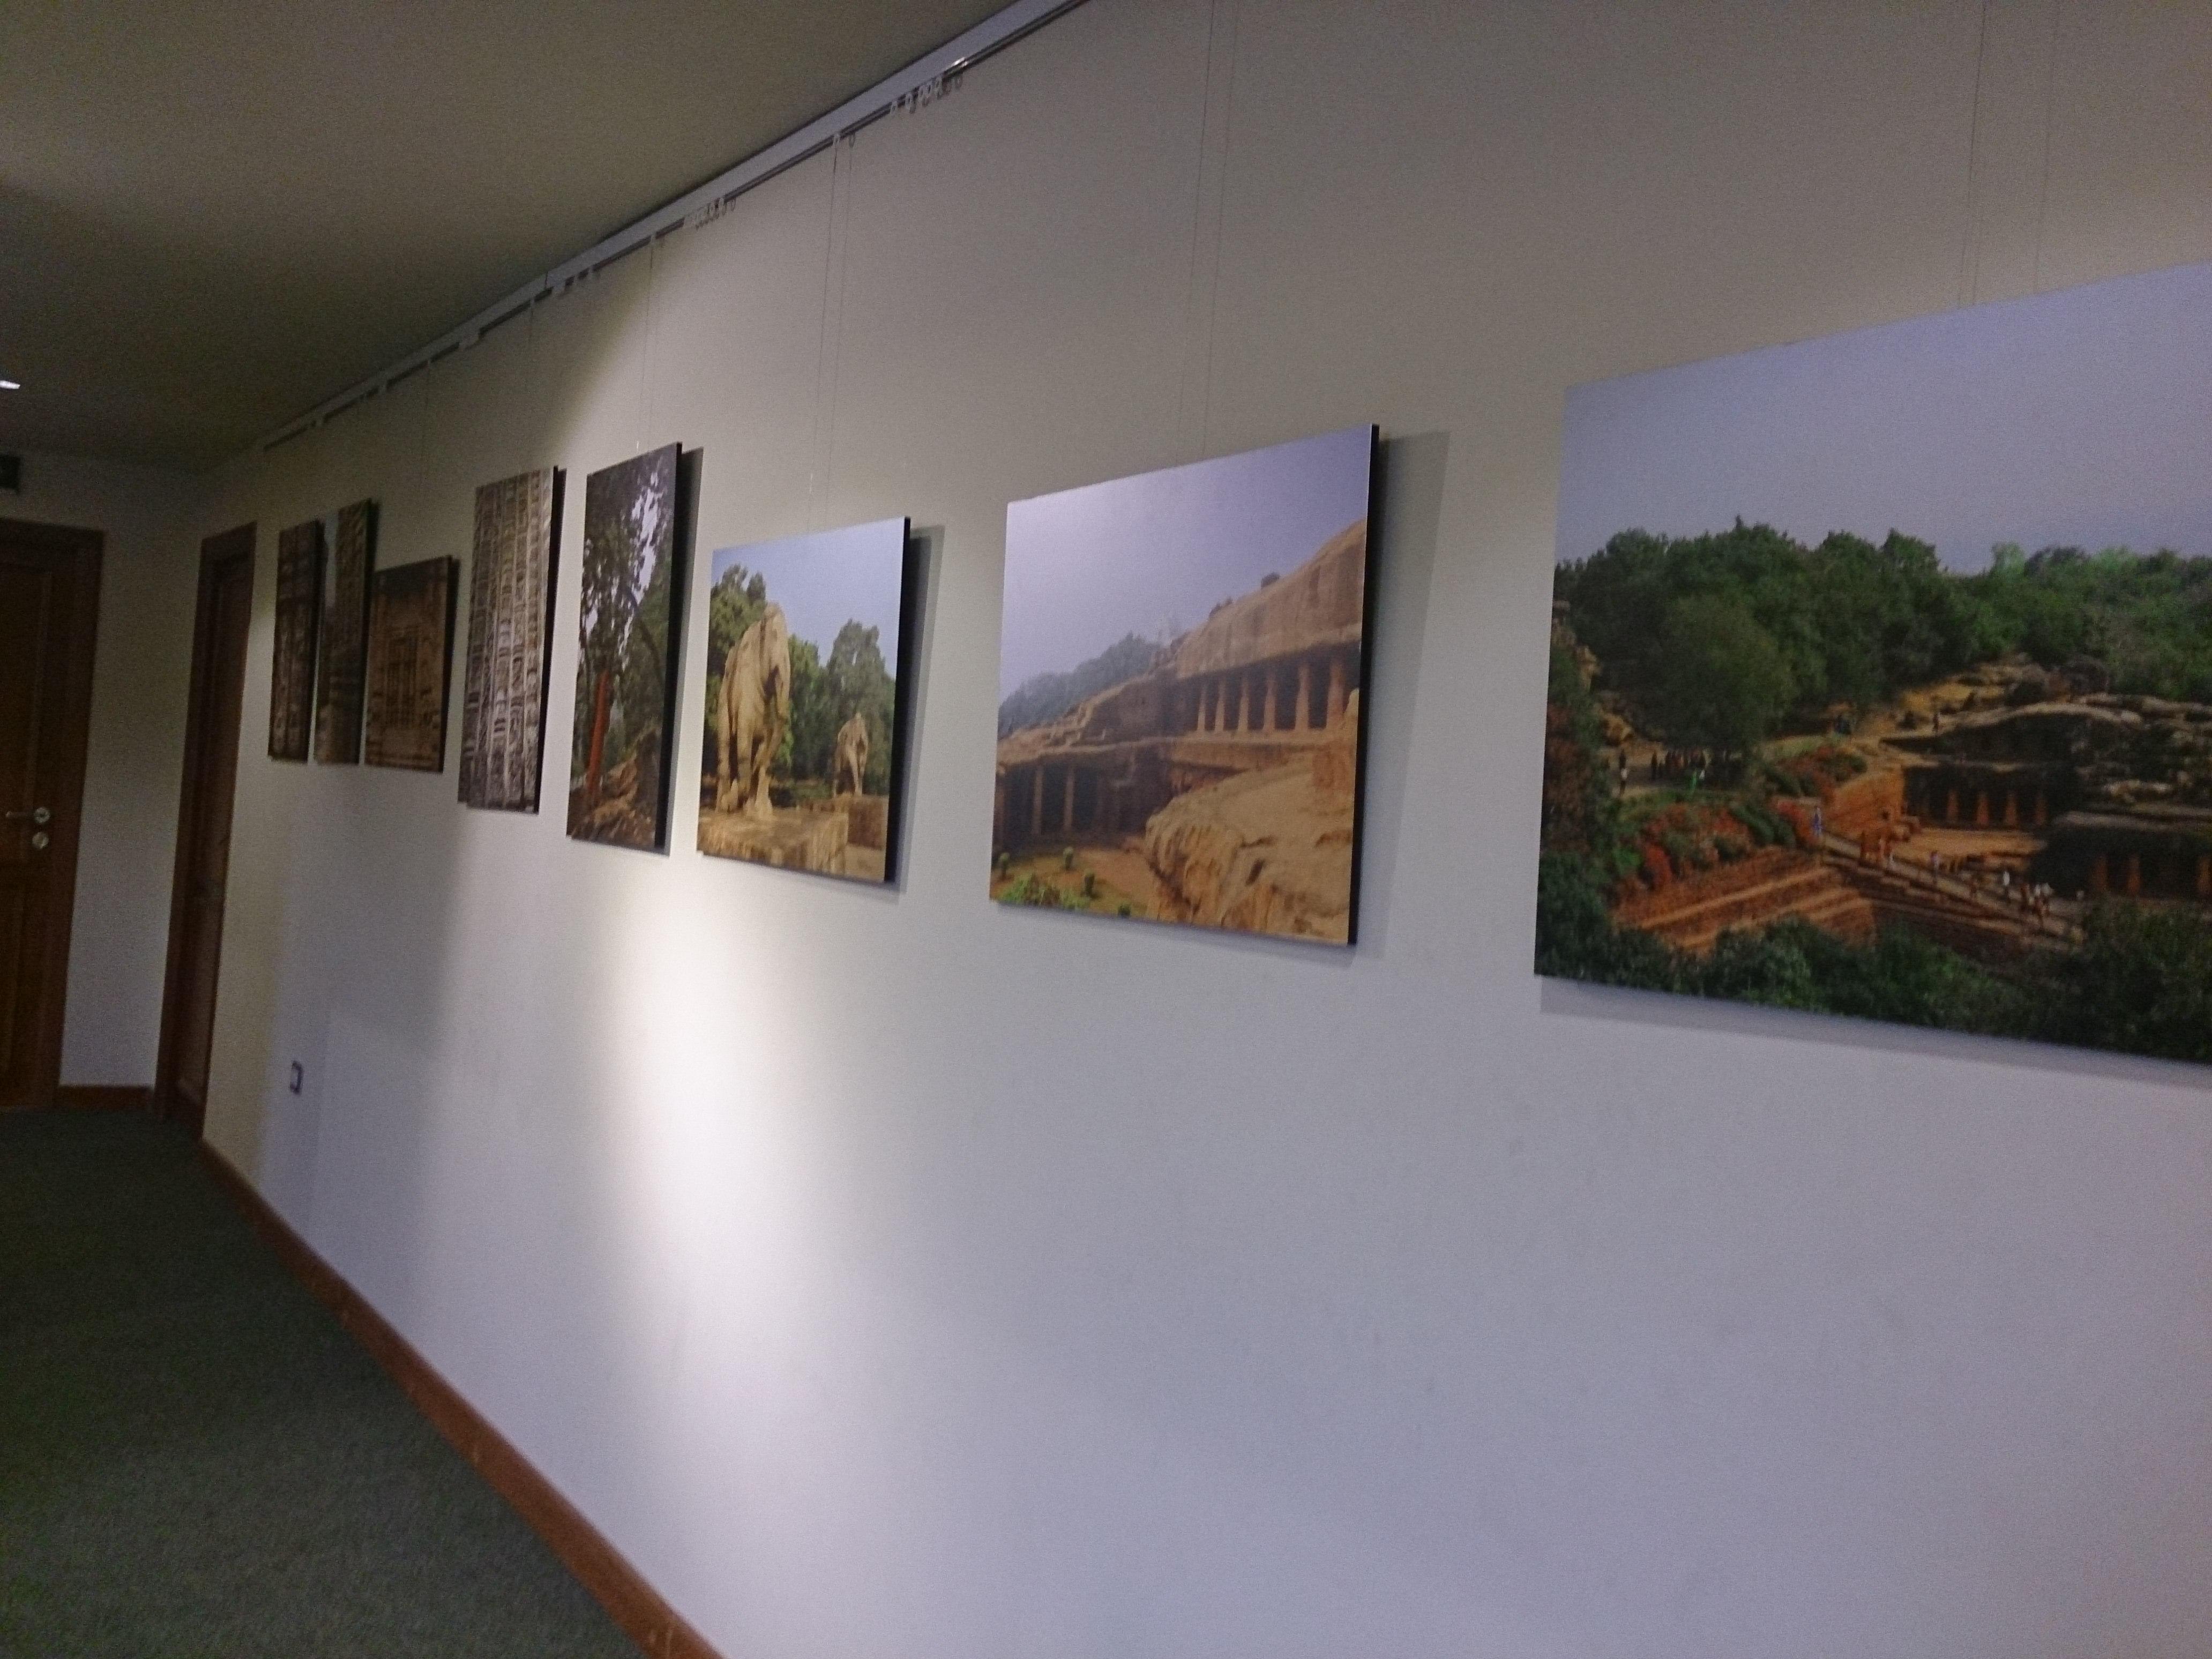 قاعة فن تشكيلي بمركز مولانا آزاد